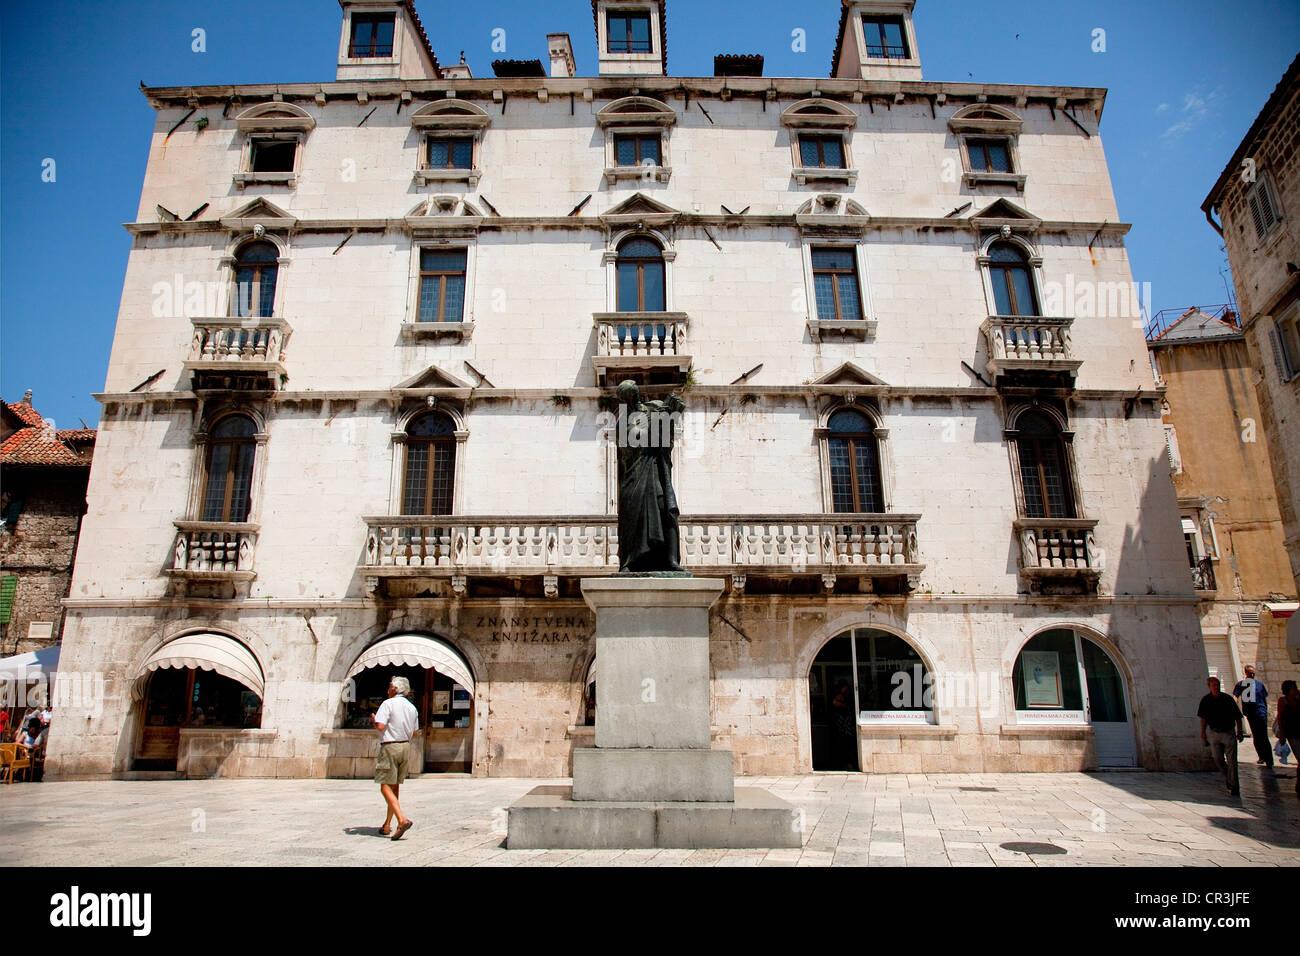 Kroatien, Dalmatien, Dalmatien, Split, alte römische Stadt UNESCO-Welterbe, Milesi Palast Stockbild